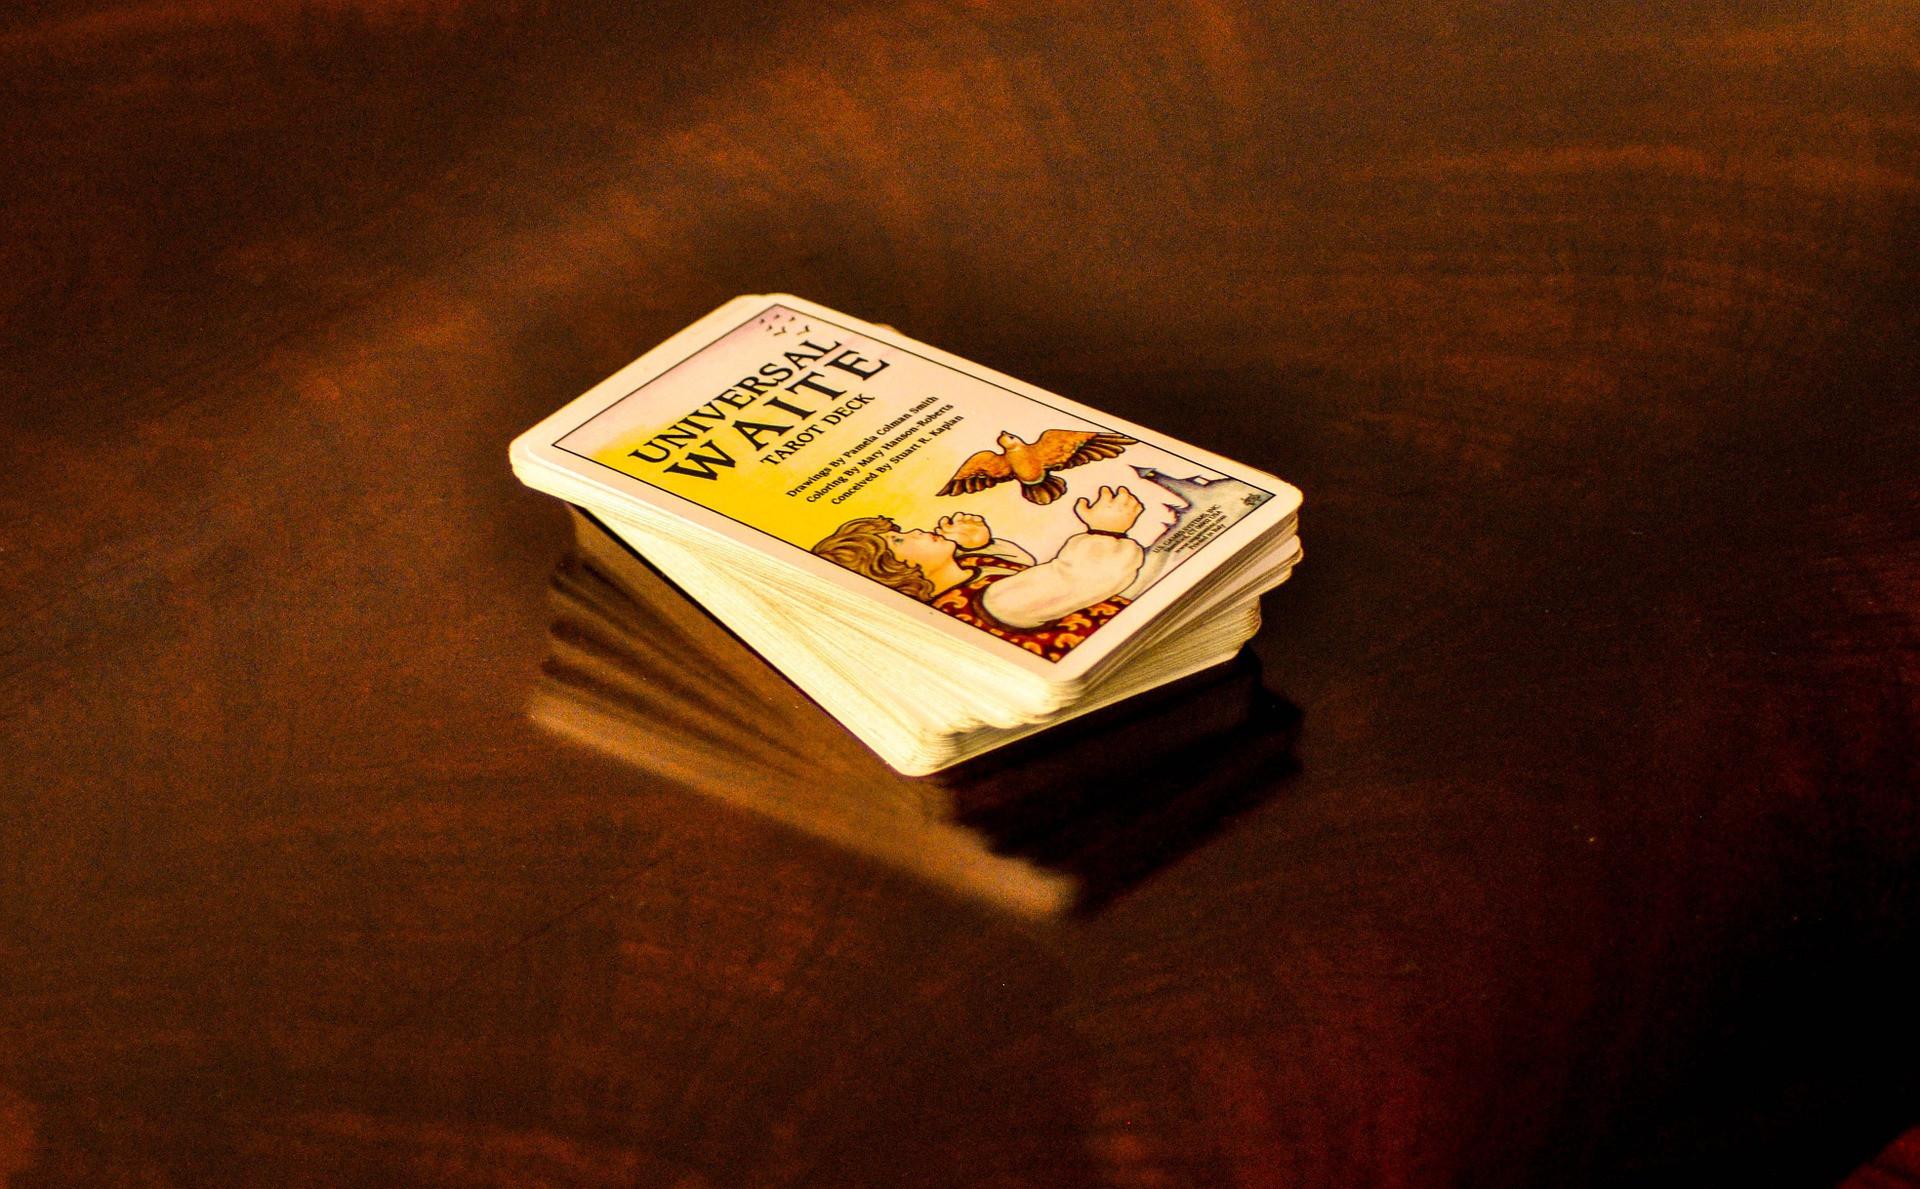 Карты таро для начинающих: как быстро научиться гадать самостоятельно?